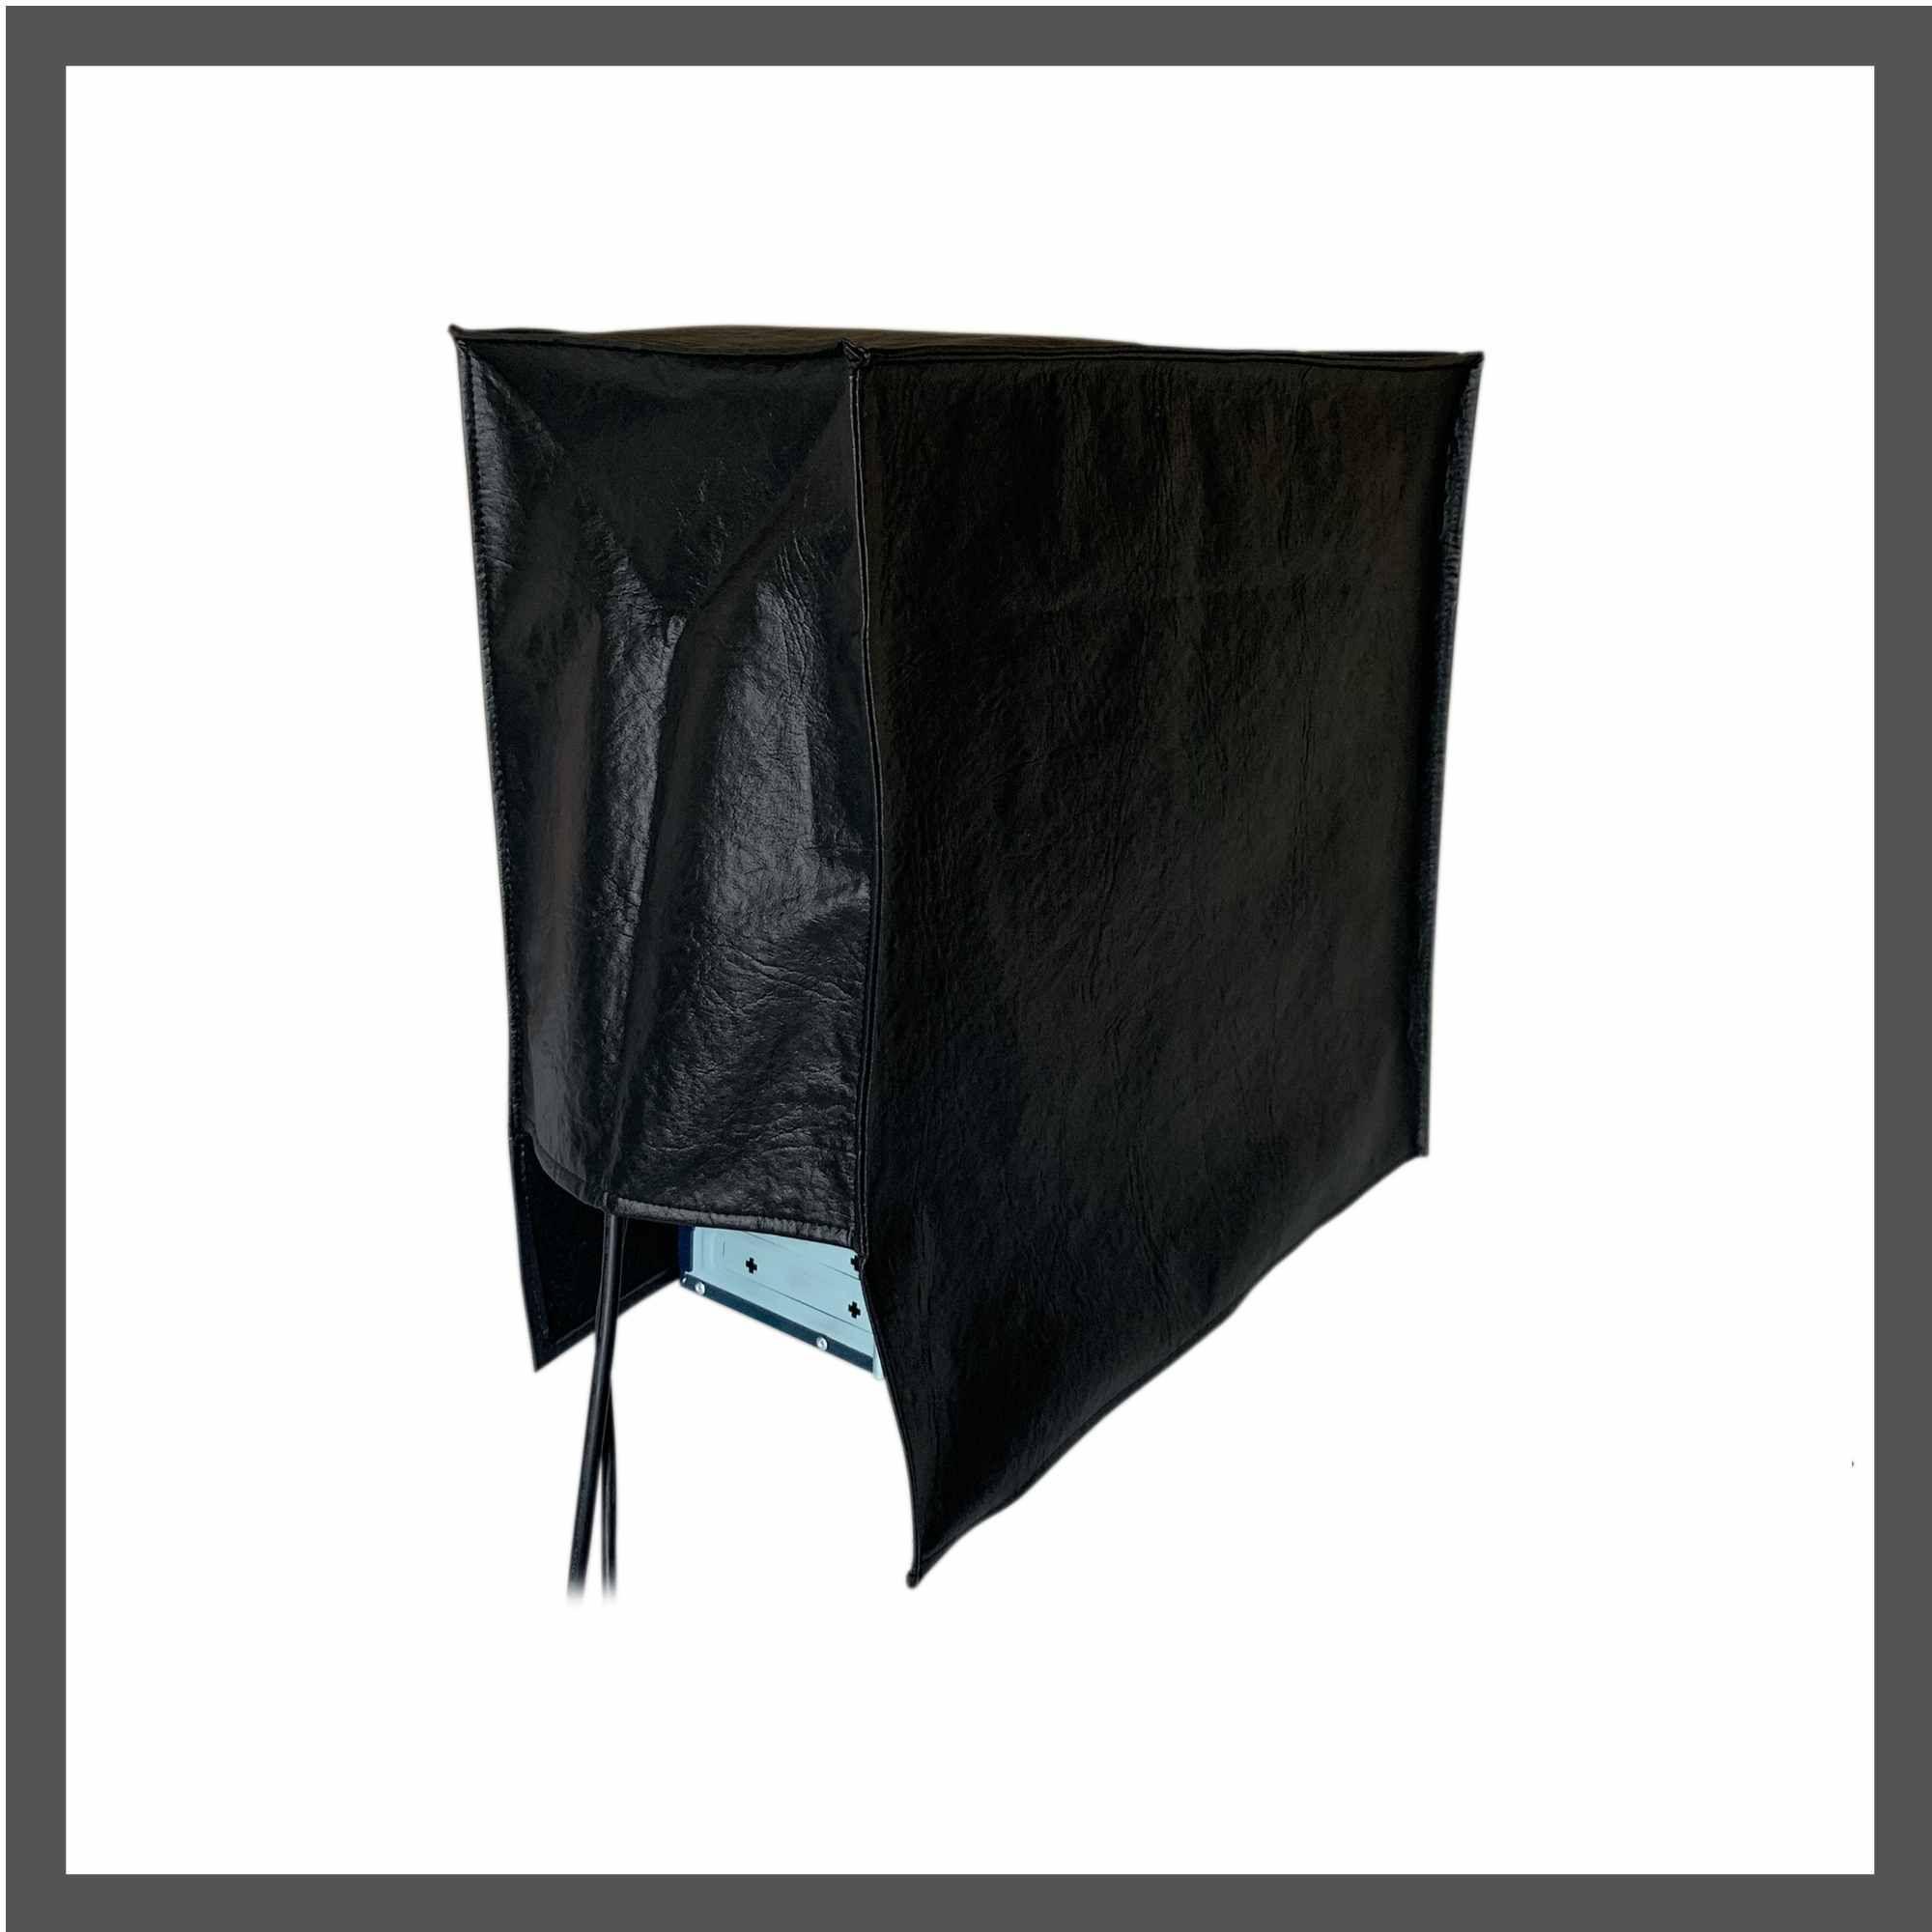 Conjunto de Capas de proteção para Monitor de 27 polegadas, teclado e  gabinete em Corino preto impermeável